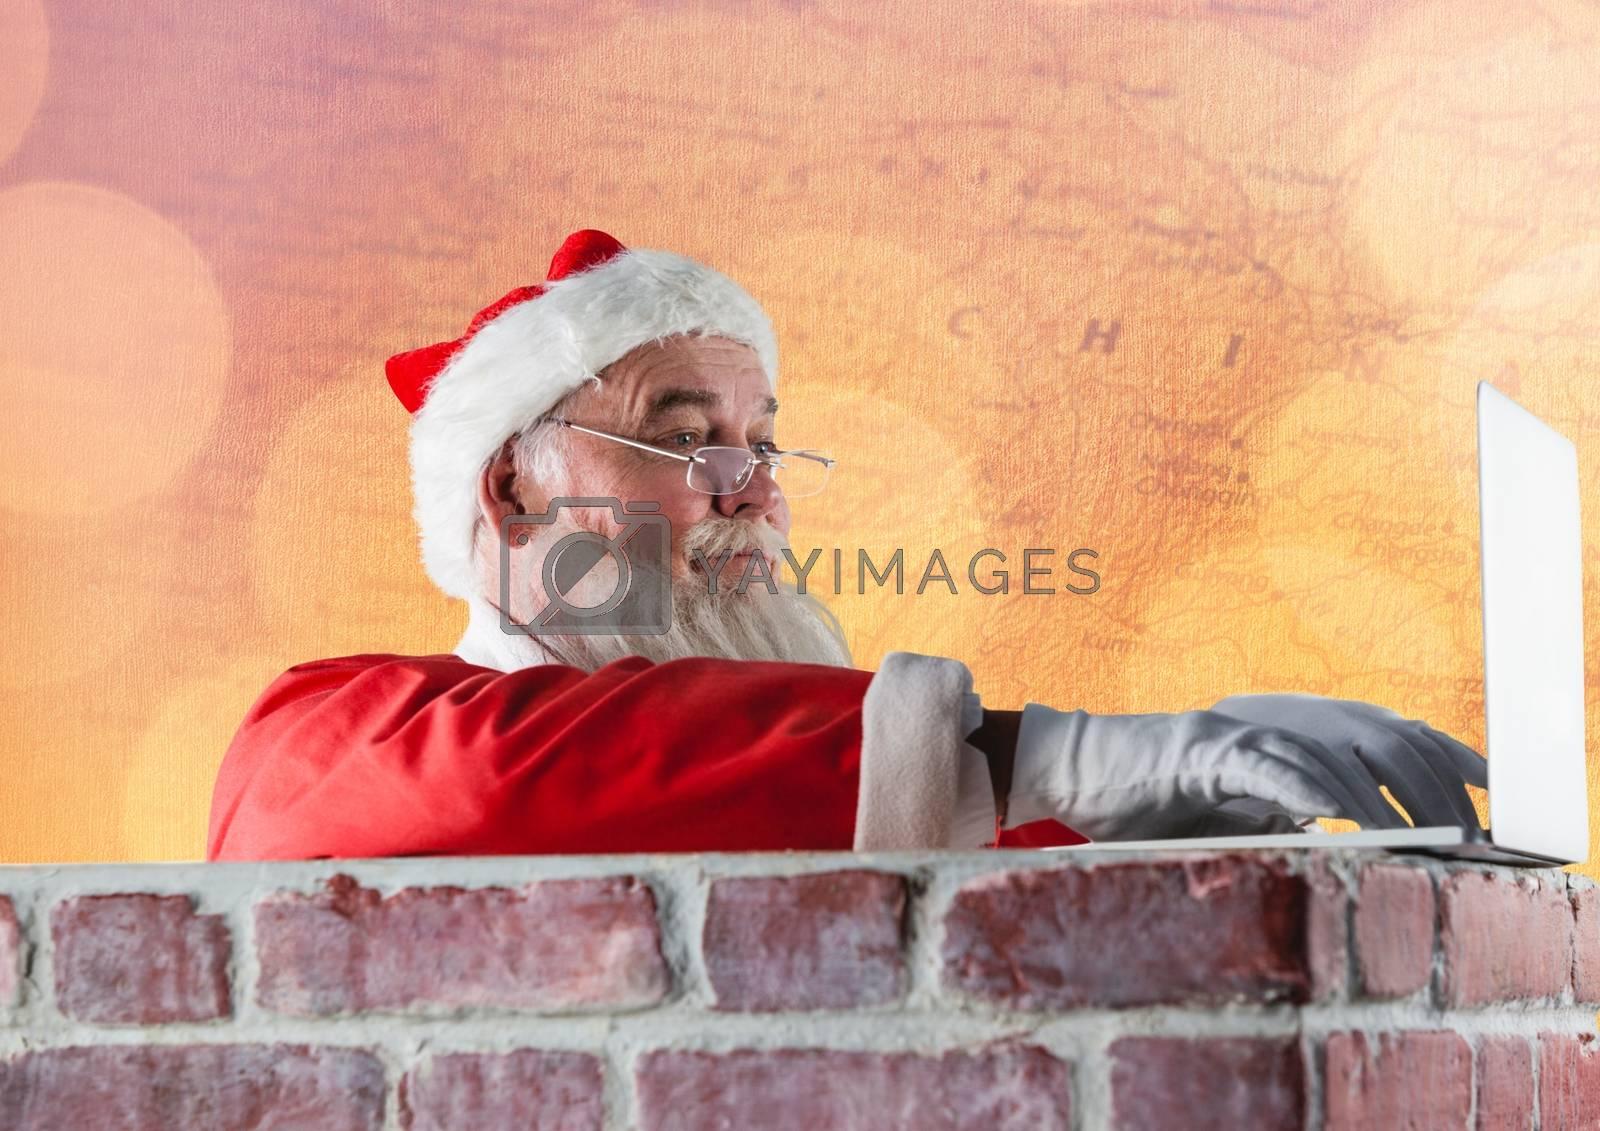 Santa claus using a laptop on brick wall